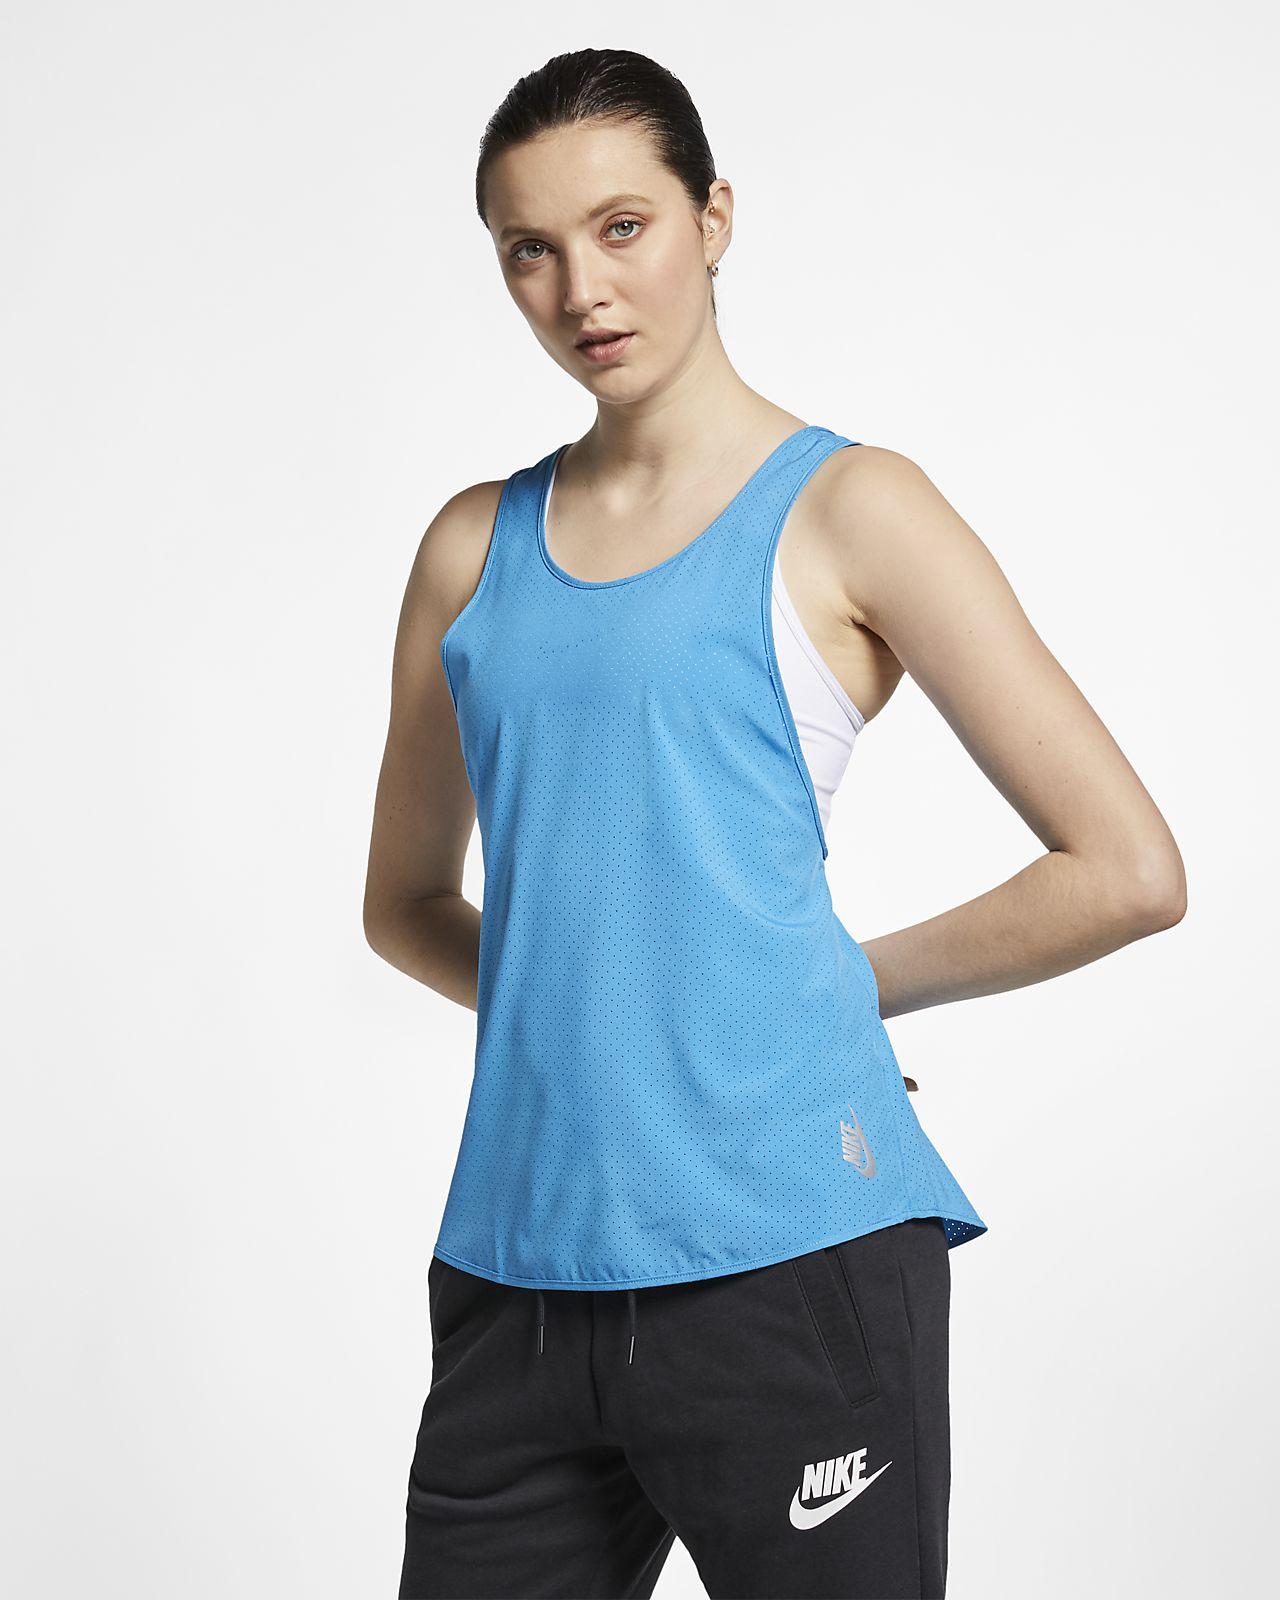 Nike City Ready singlet til dame